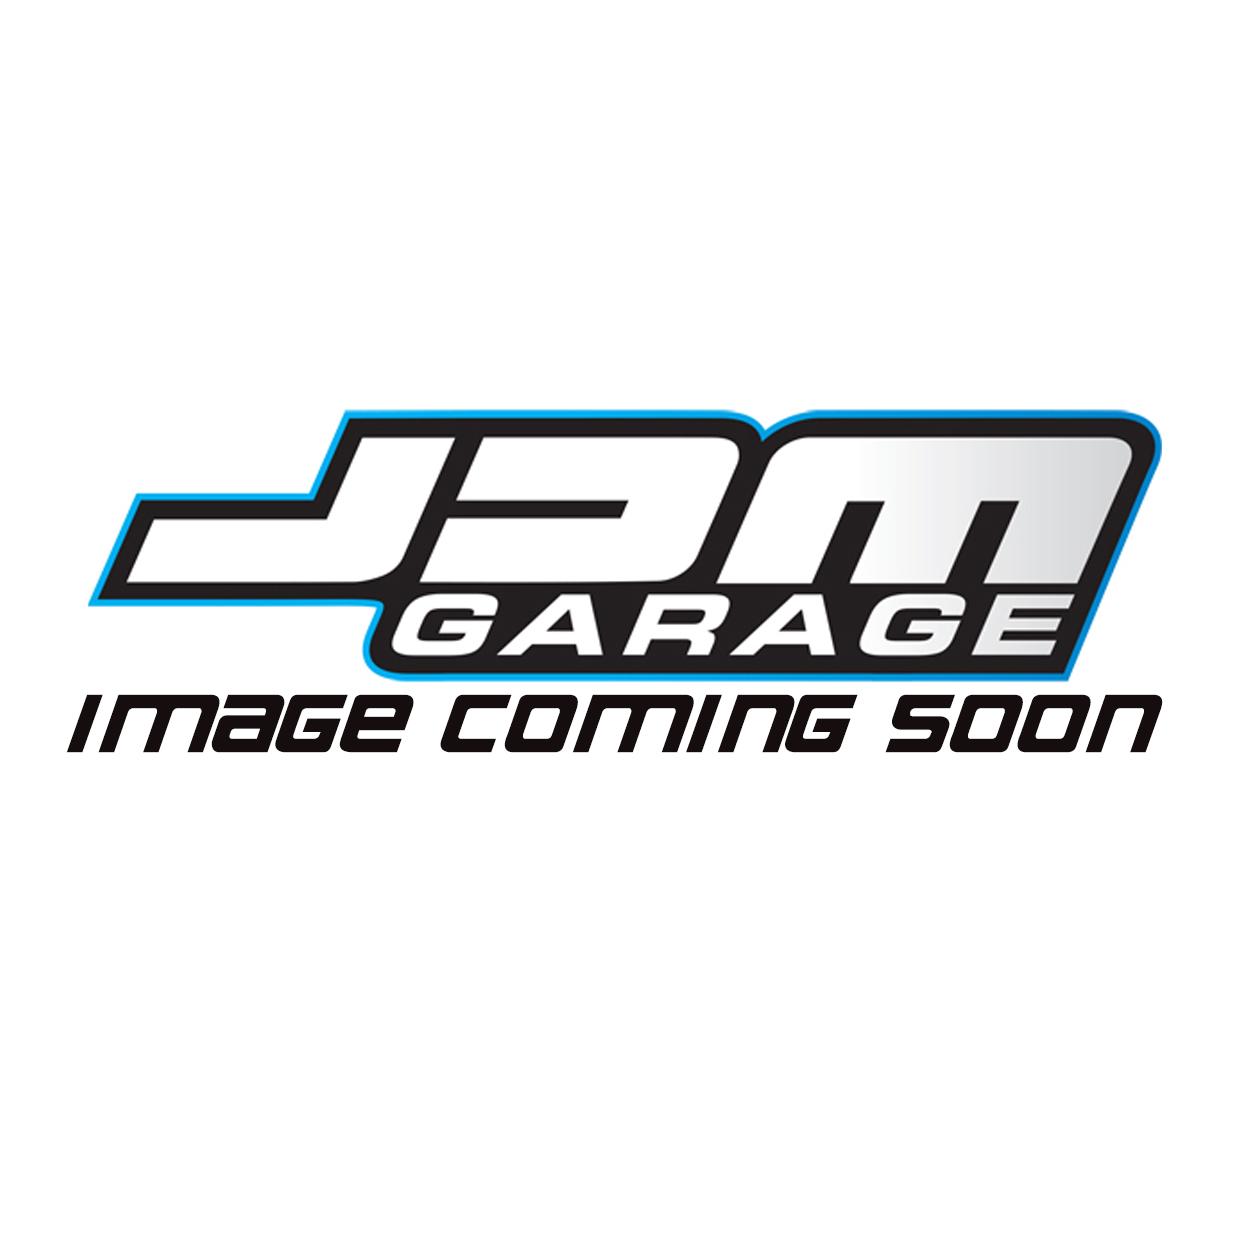 Genuine Nissan MAF Card R35 GT-R VR38DETT 22680-7S00A